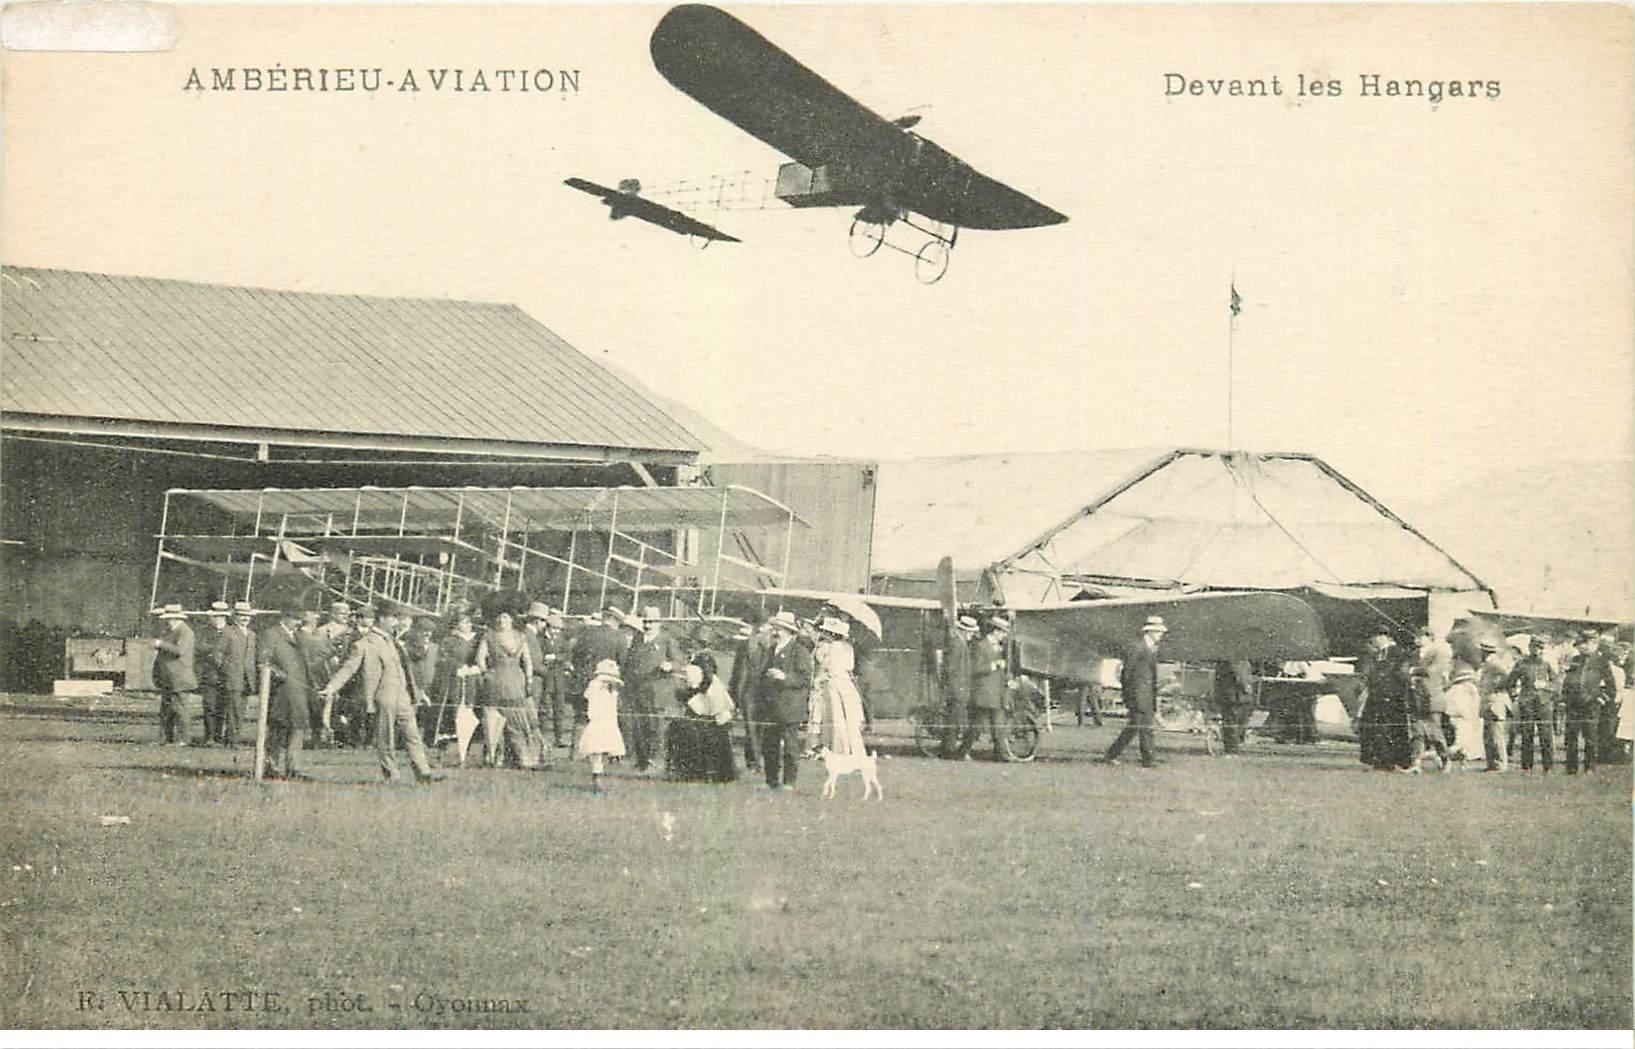 carte postale ancienne 01 Ambérieu Aviation. Avion devant les Hangars